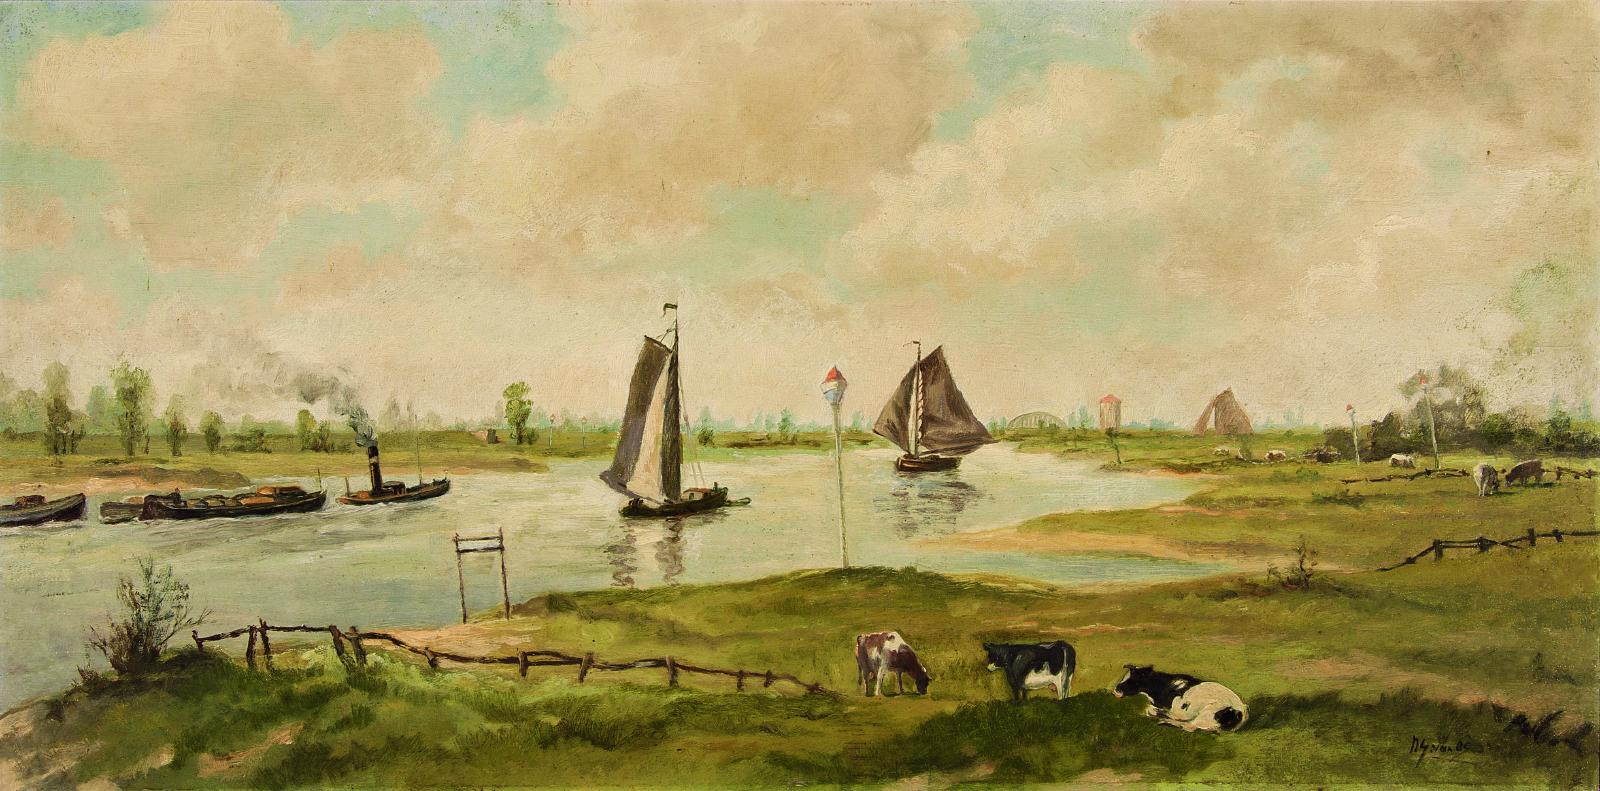 schilderj van Van Os, ongedateerd, blz 41 van Voetnoot 56